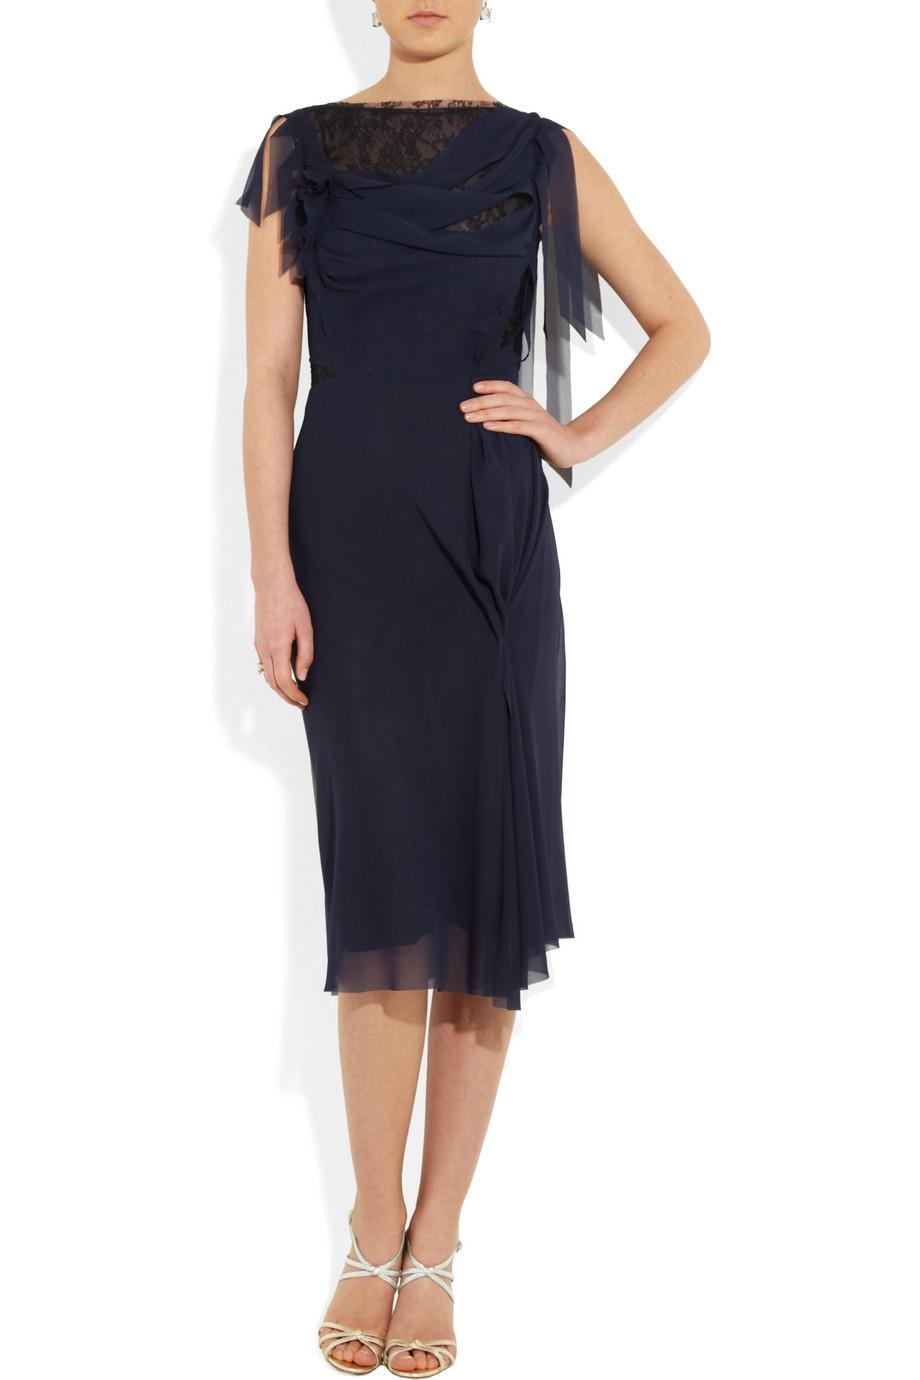 Nina ricci Lace Paneled Chiffon Dress in Blue